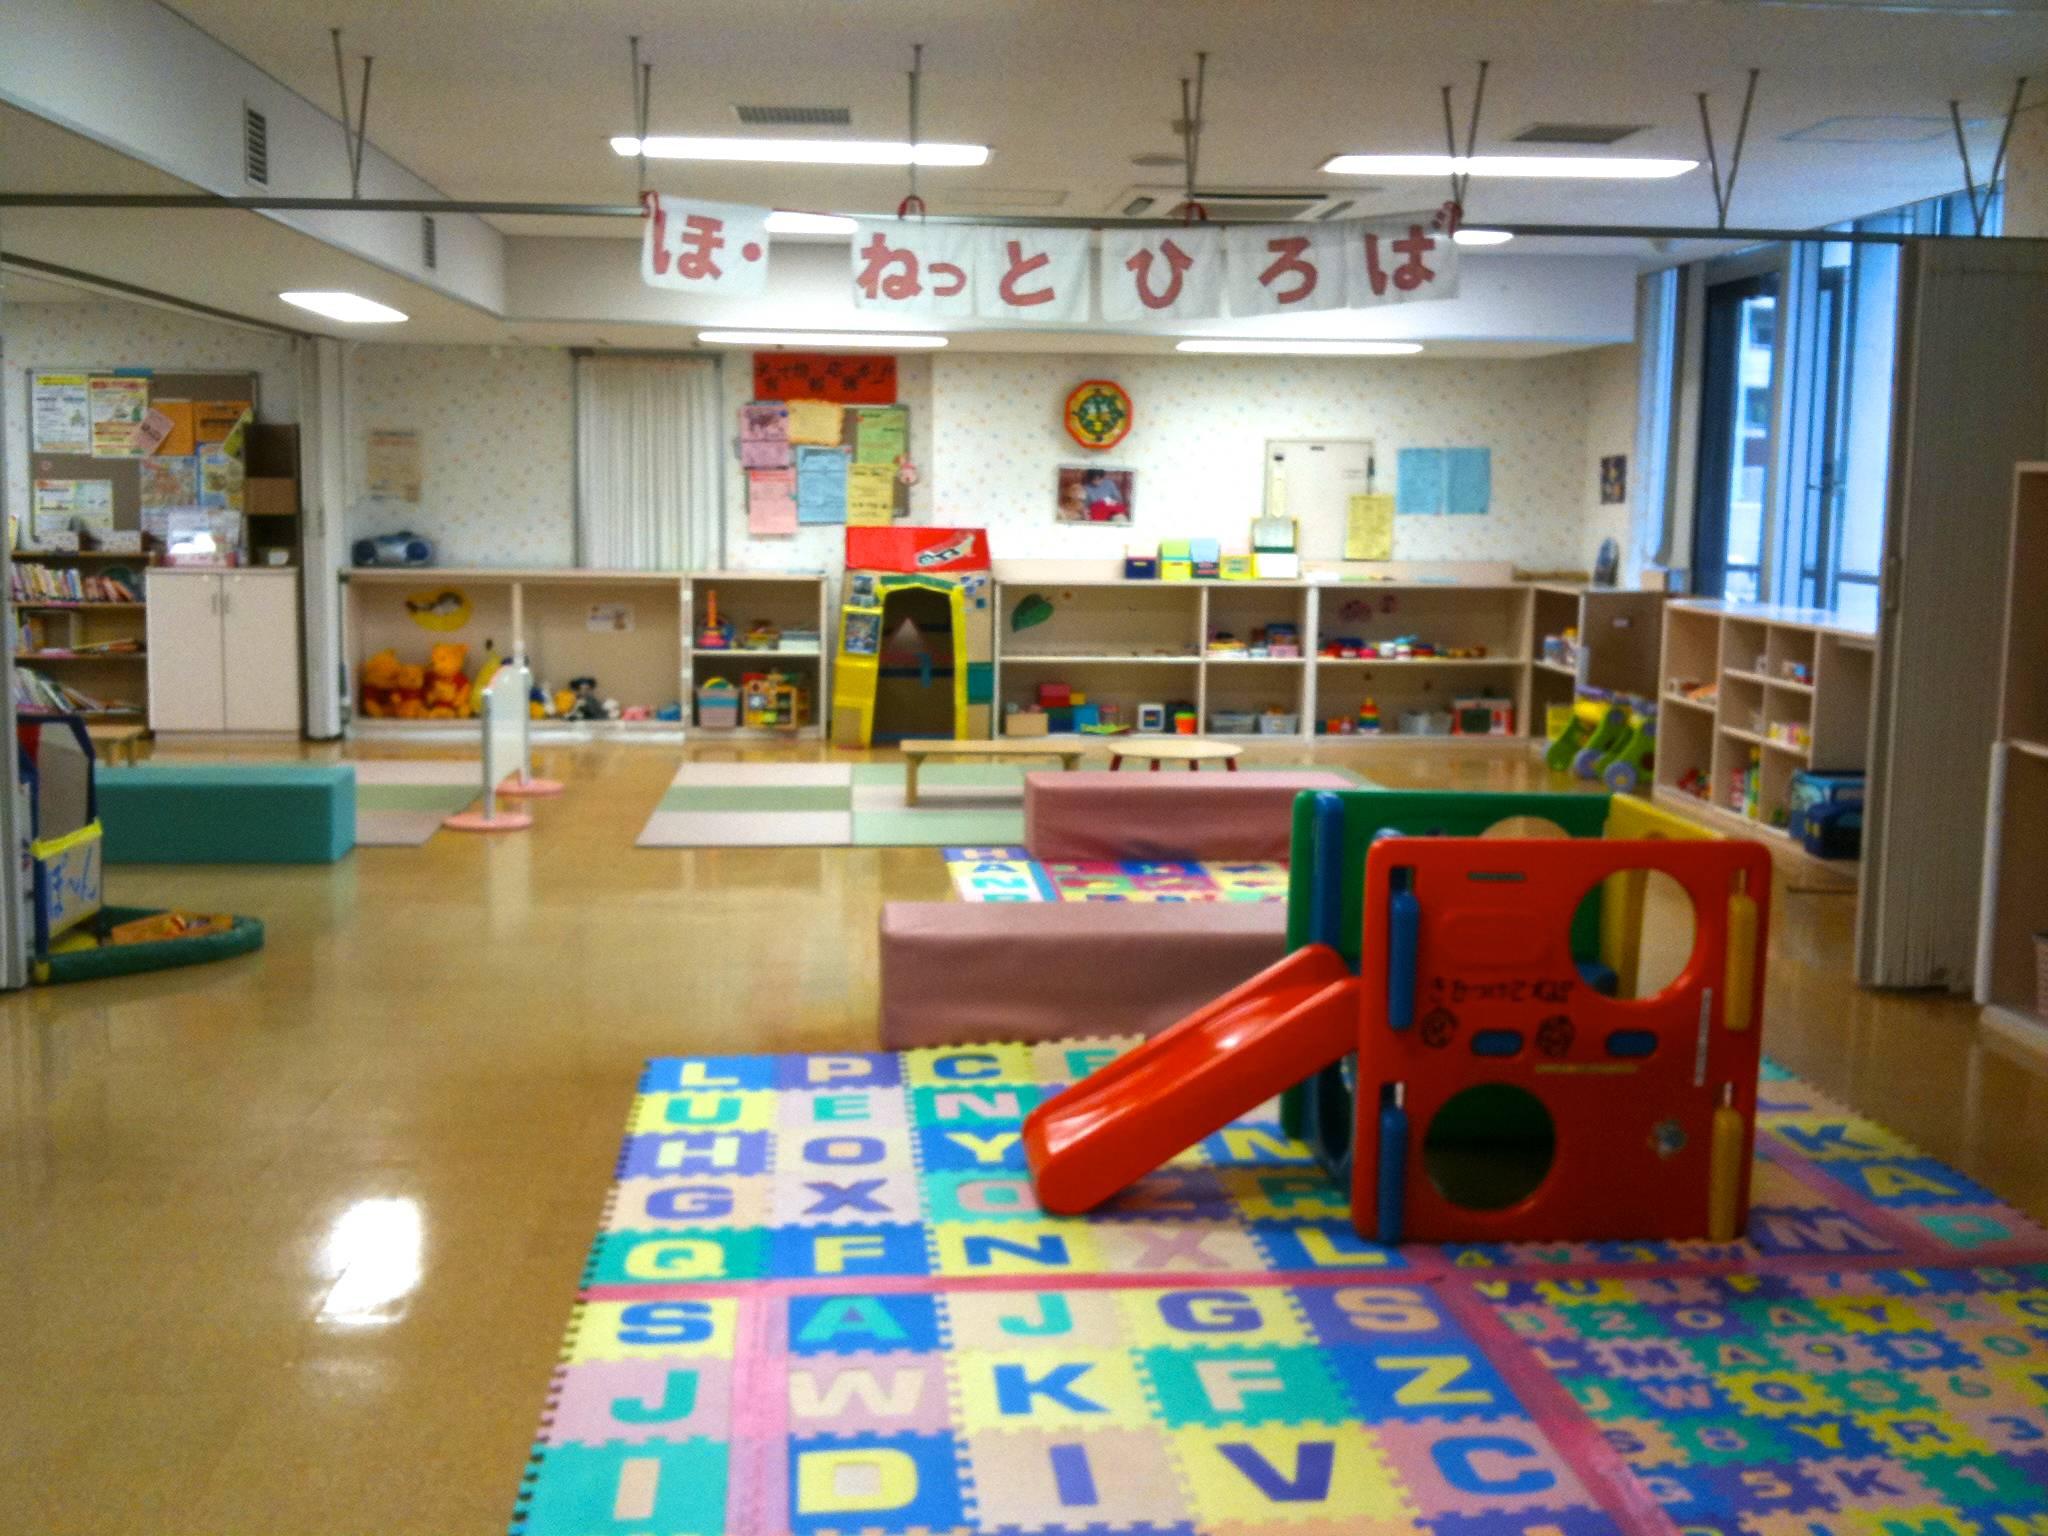 Japan Style Kids Playroom Designs